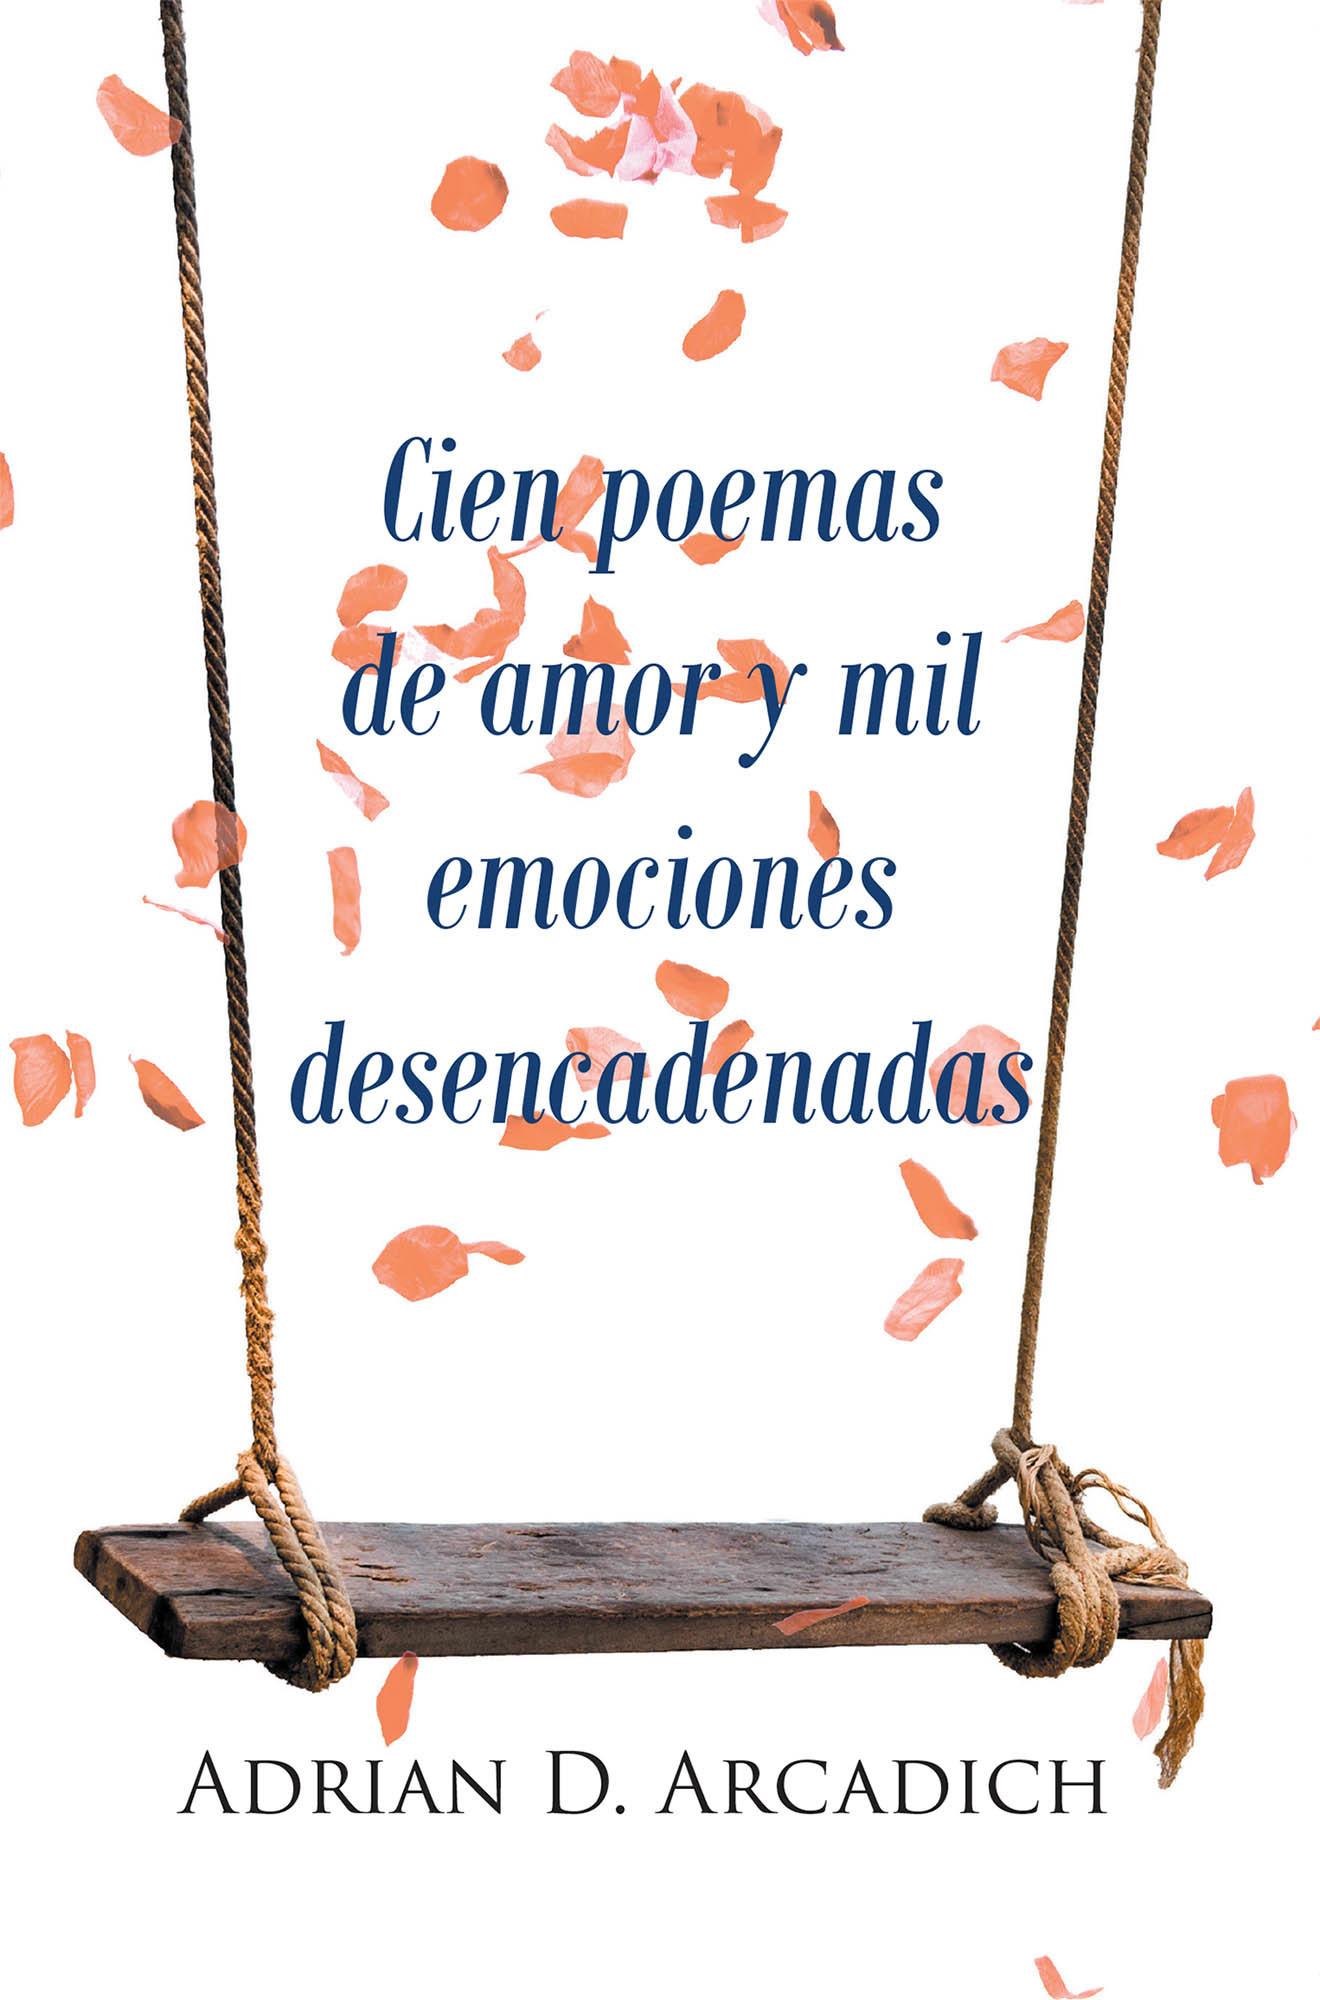 Adrian D. Arcadich presenta «Cien poemas de amor y mil emociones desencadenadas»